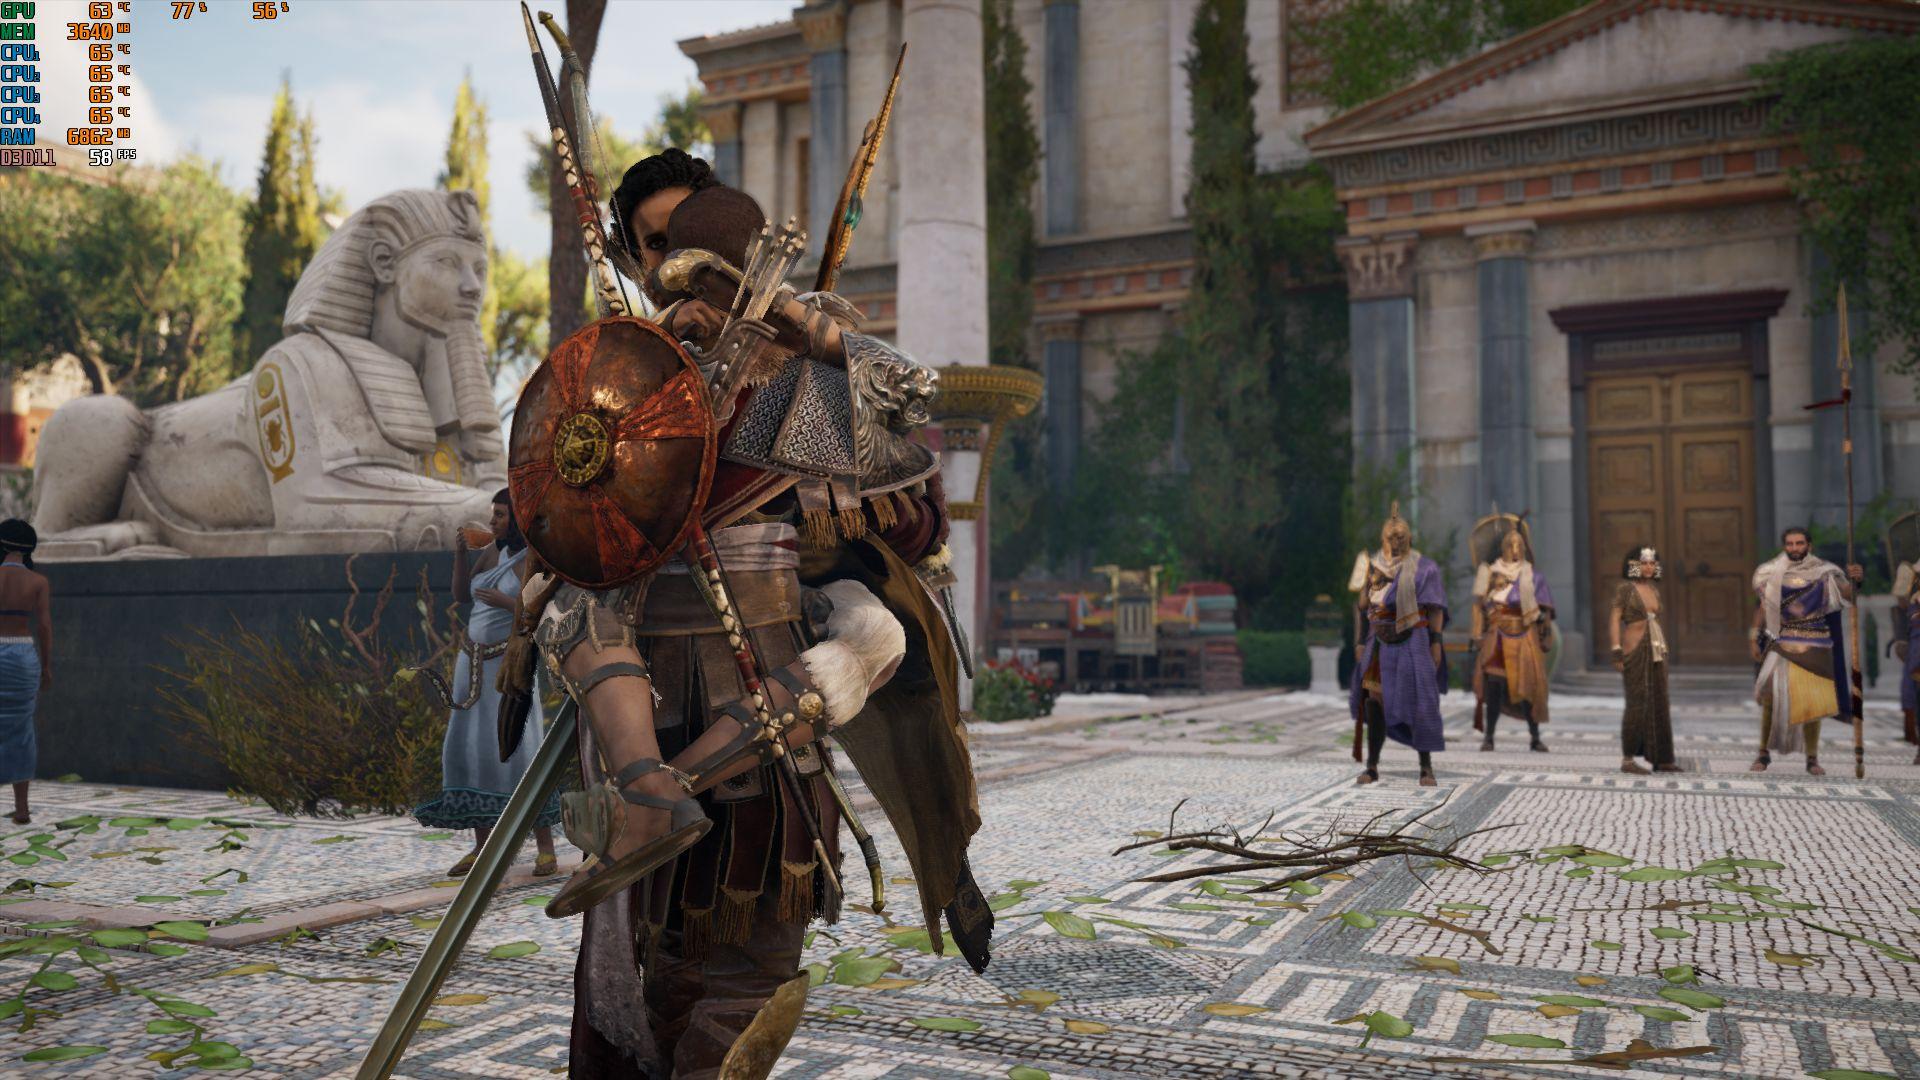 00091.Jpg - Assassin's Creed: Origins